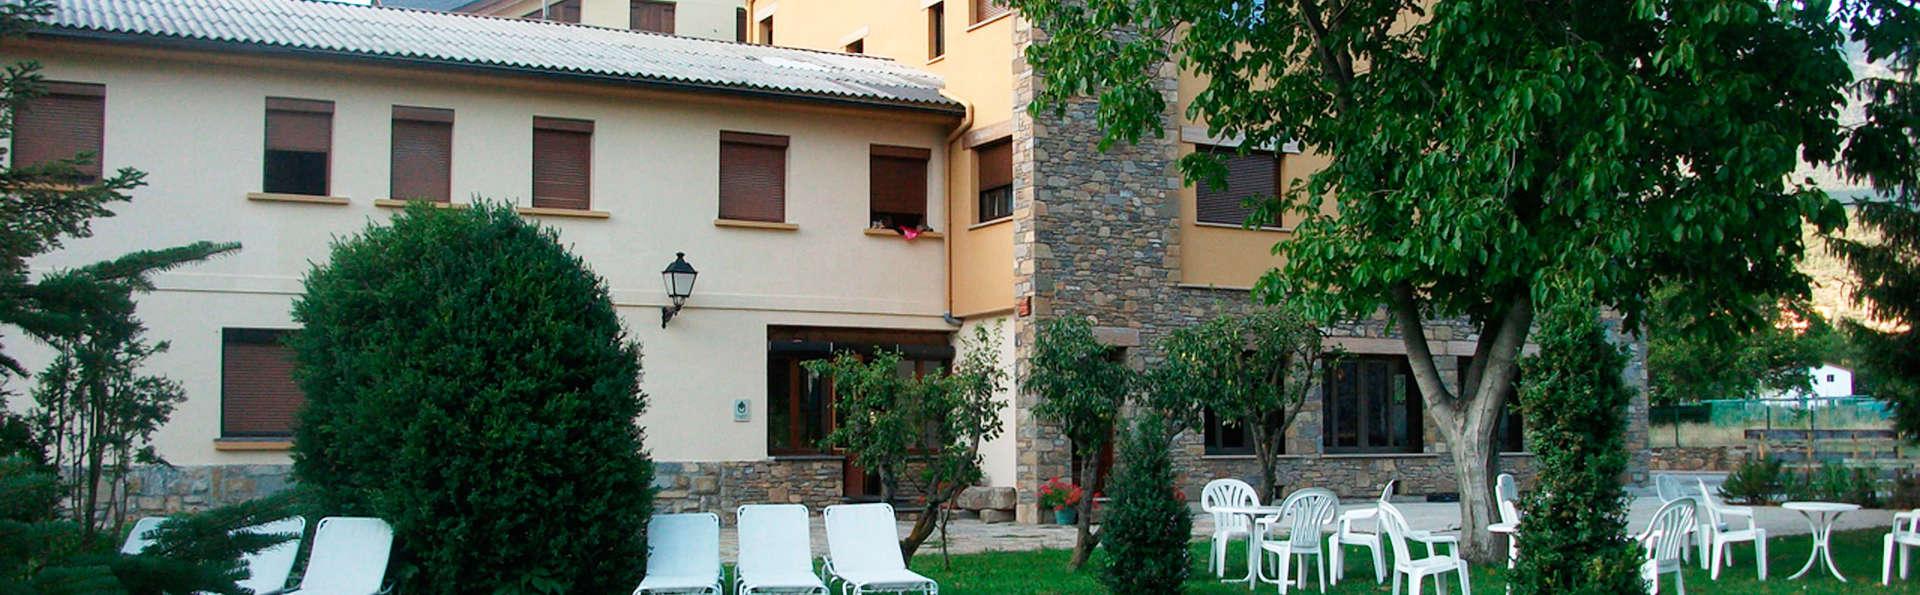 Hotel los Nogales - EDIT_garden.jpg